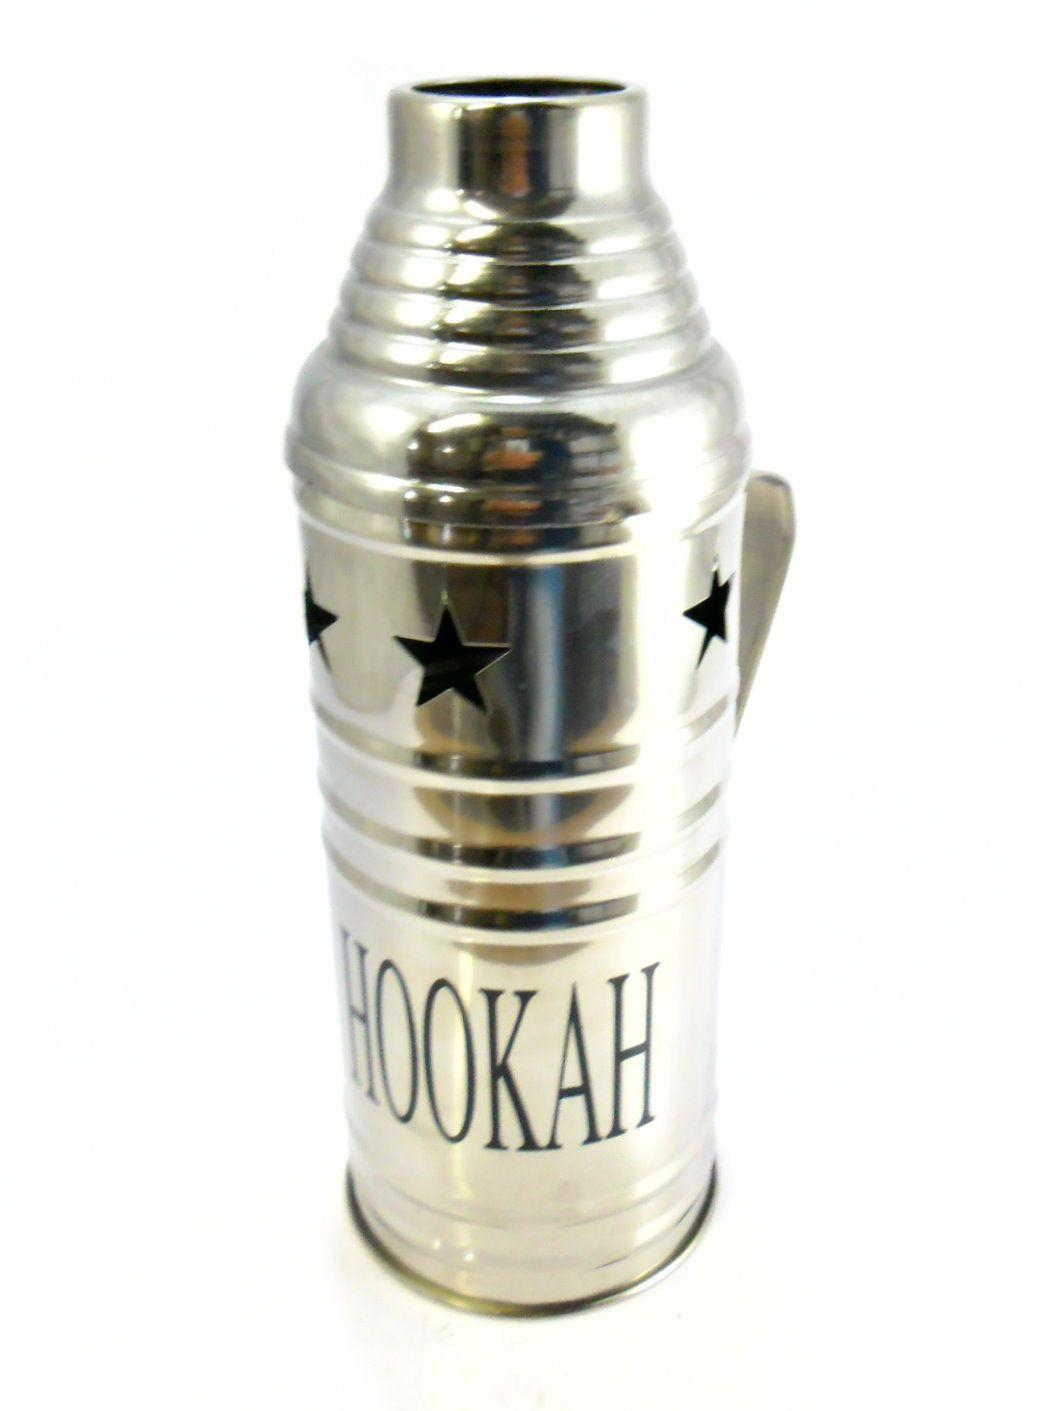 Abafador para narguile marca MD Hookah, em metal cromado, com alça. 9,5 cm de diâmetro e 26 cm alt.